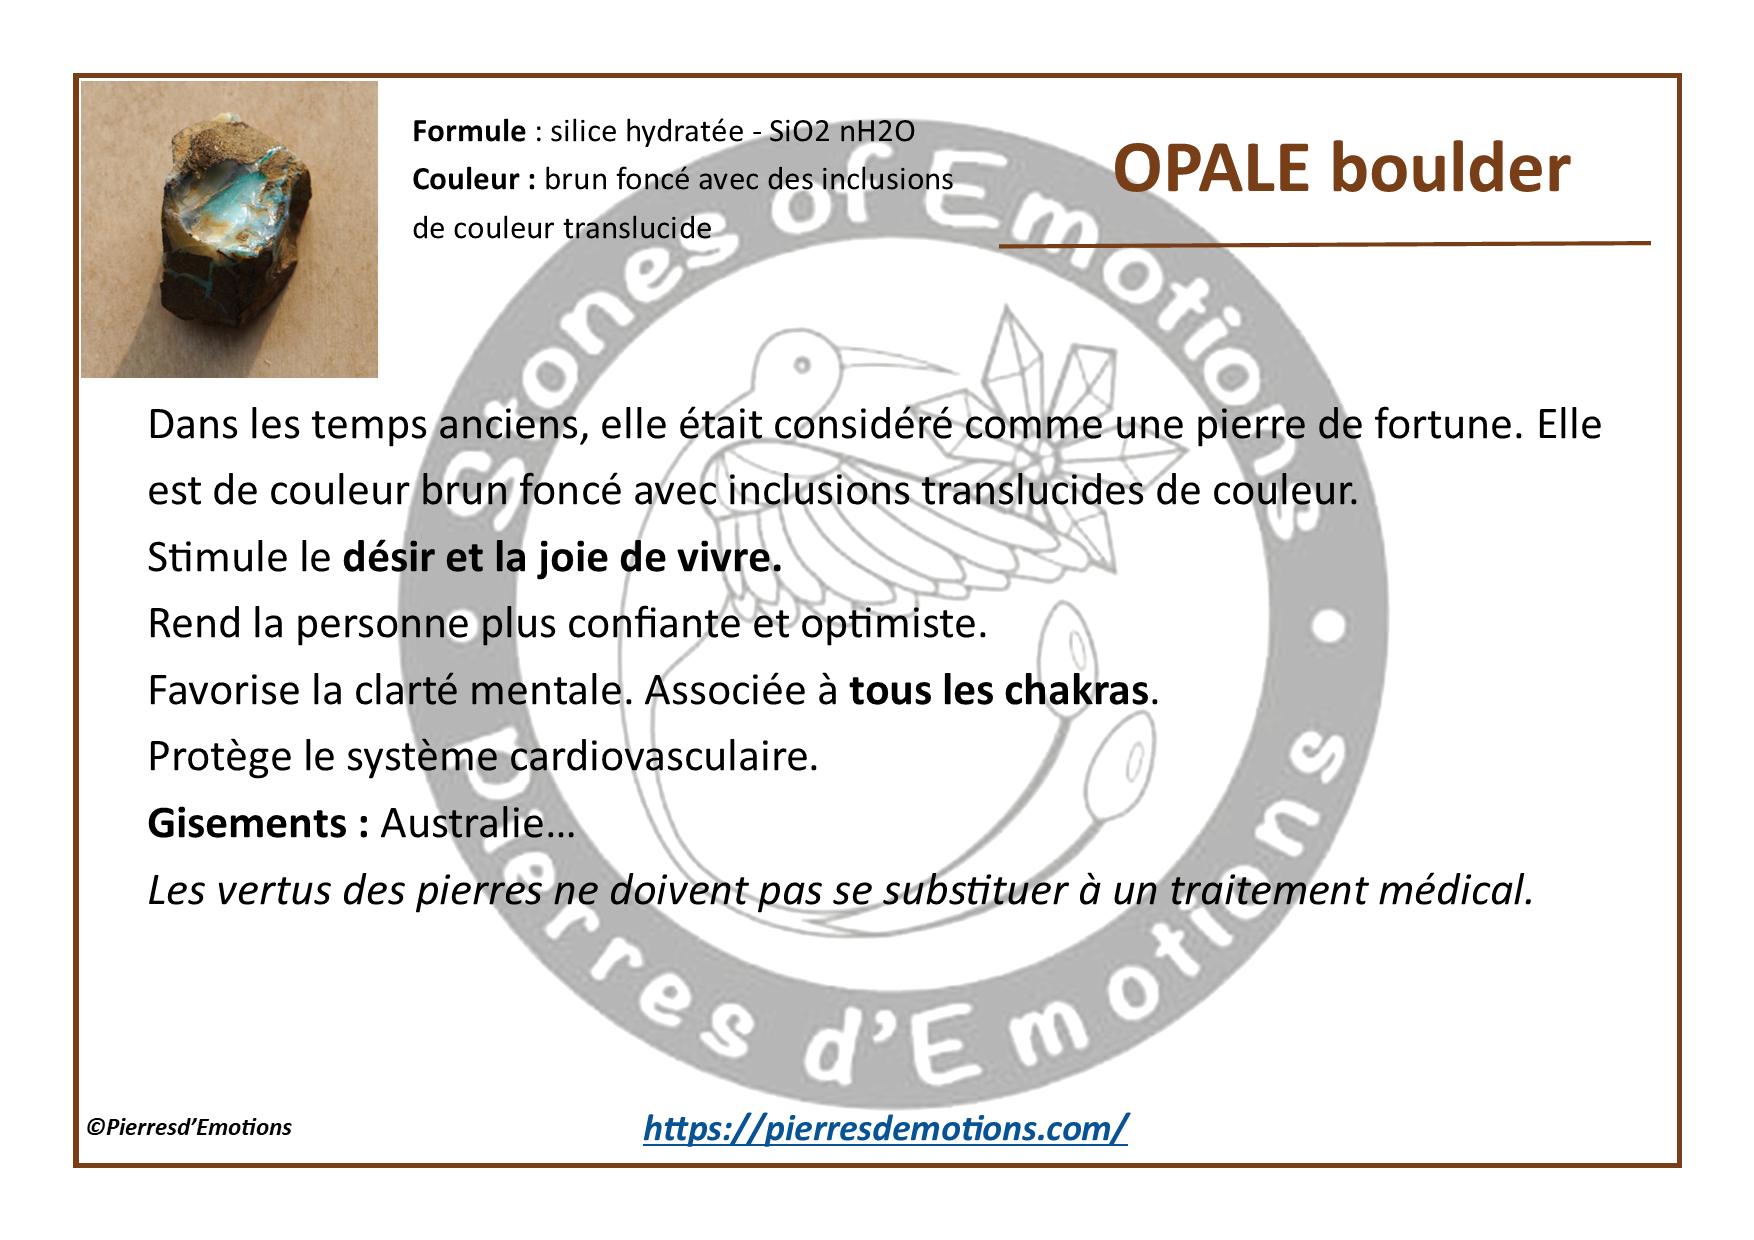 OpaleBoulder